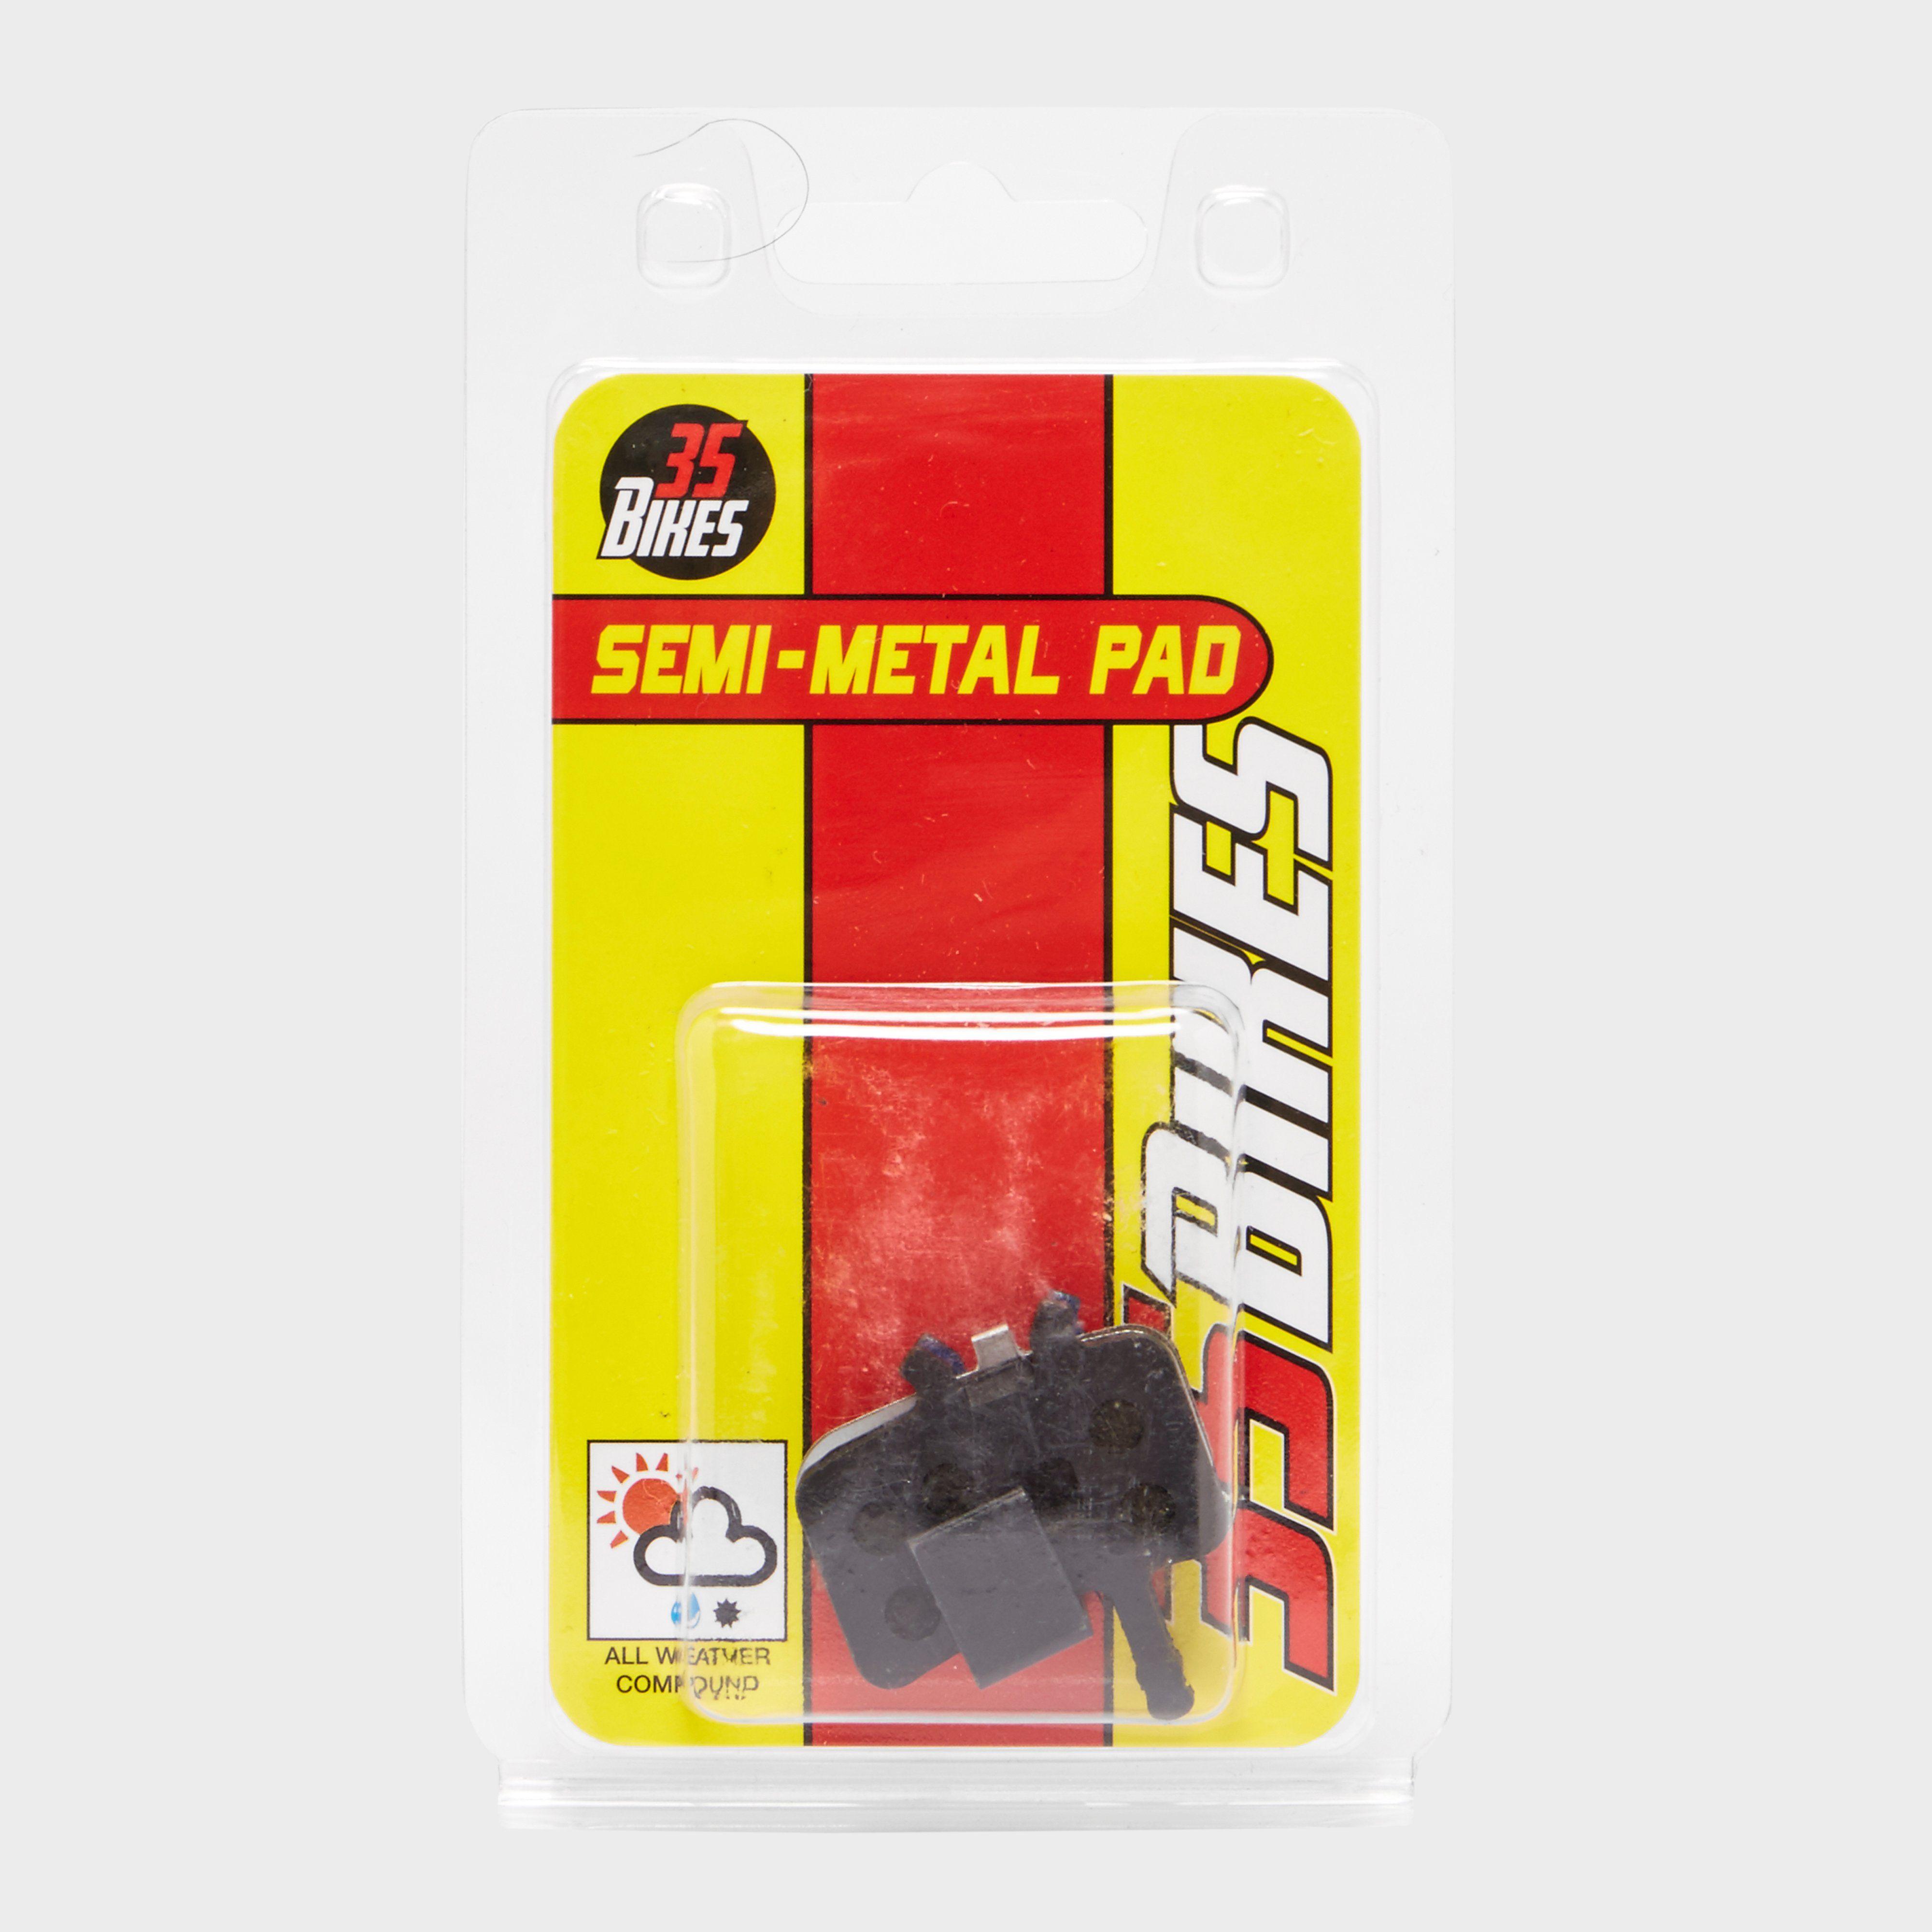 35 BIKES Shimano Avid Juicy Semi-Metal Brake Pads